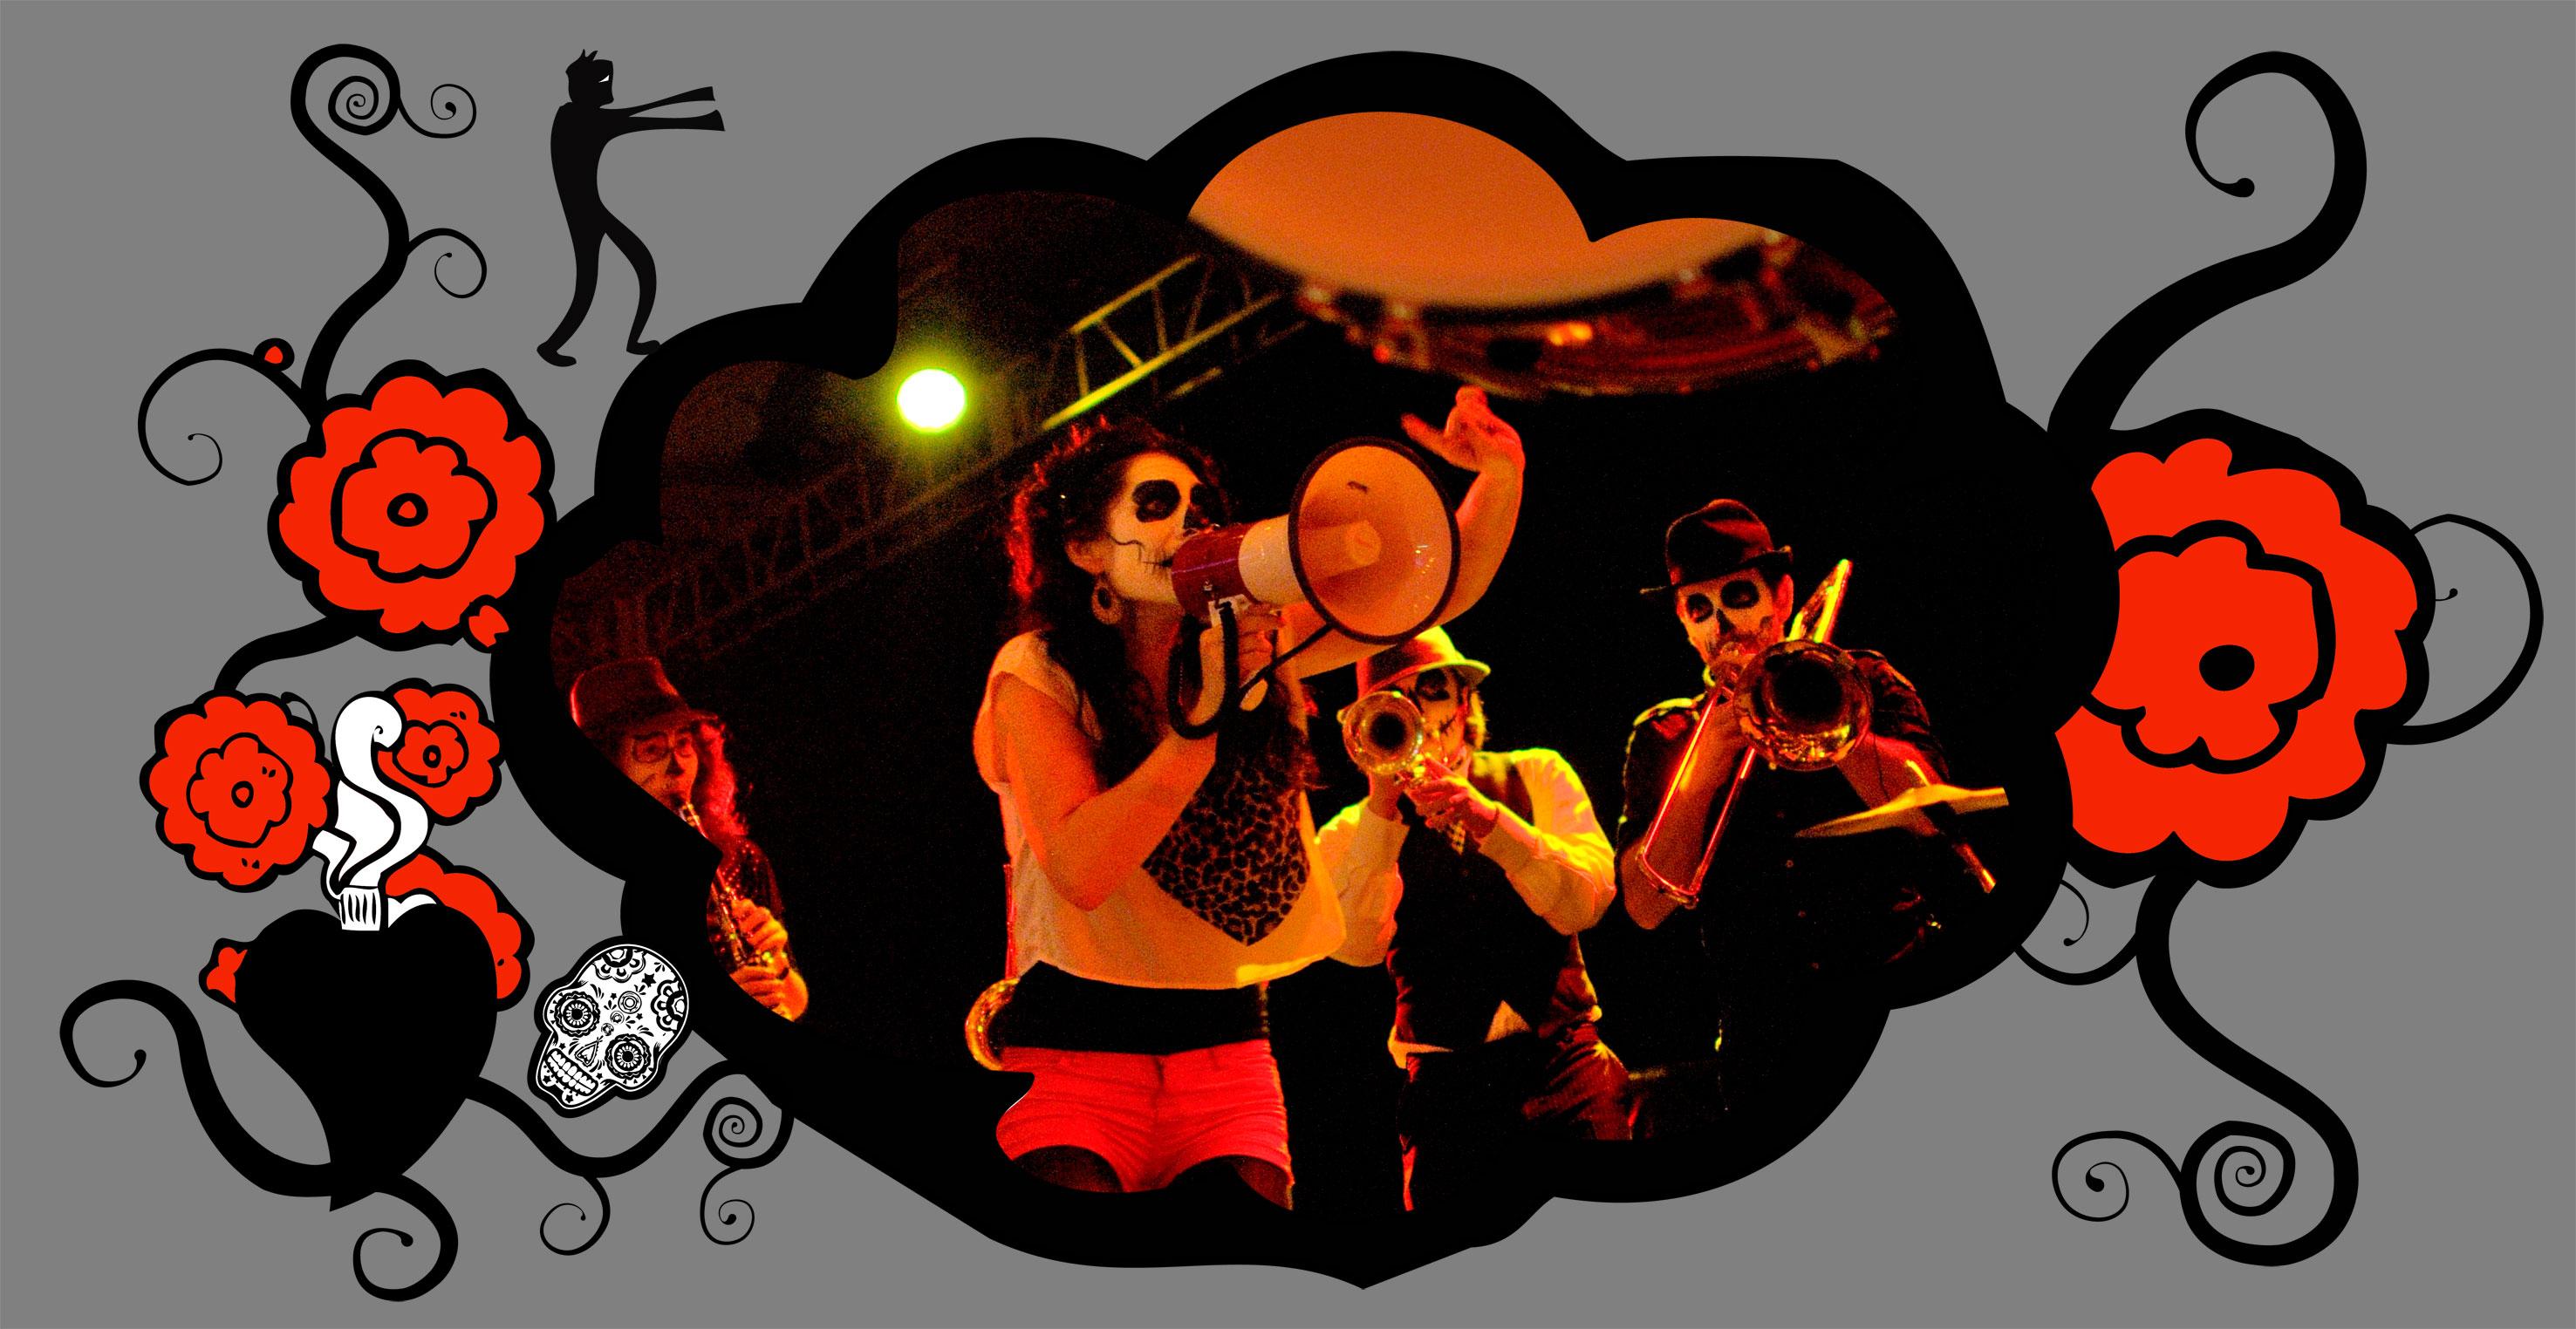 Voodoo clipart love Voodoo Orchestra Love